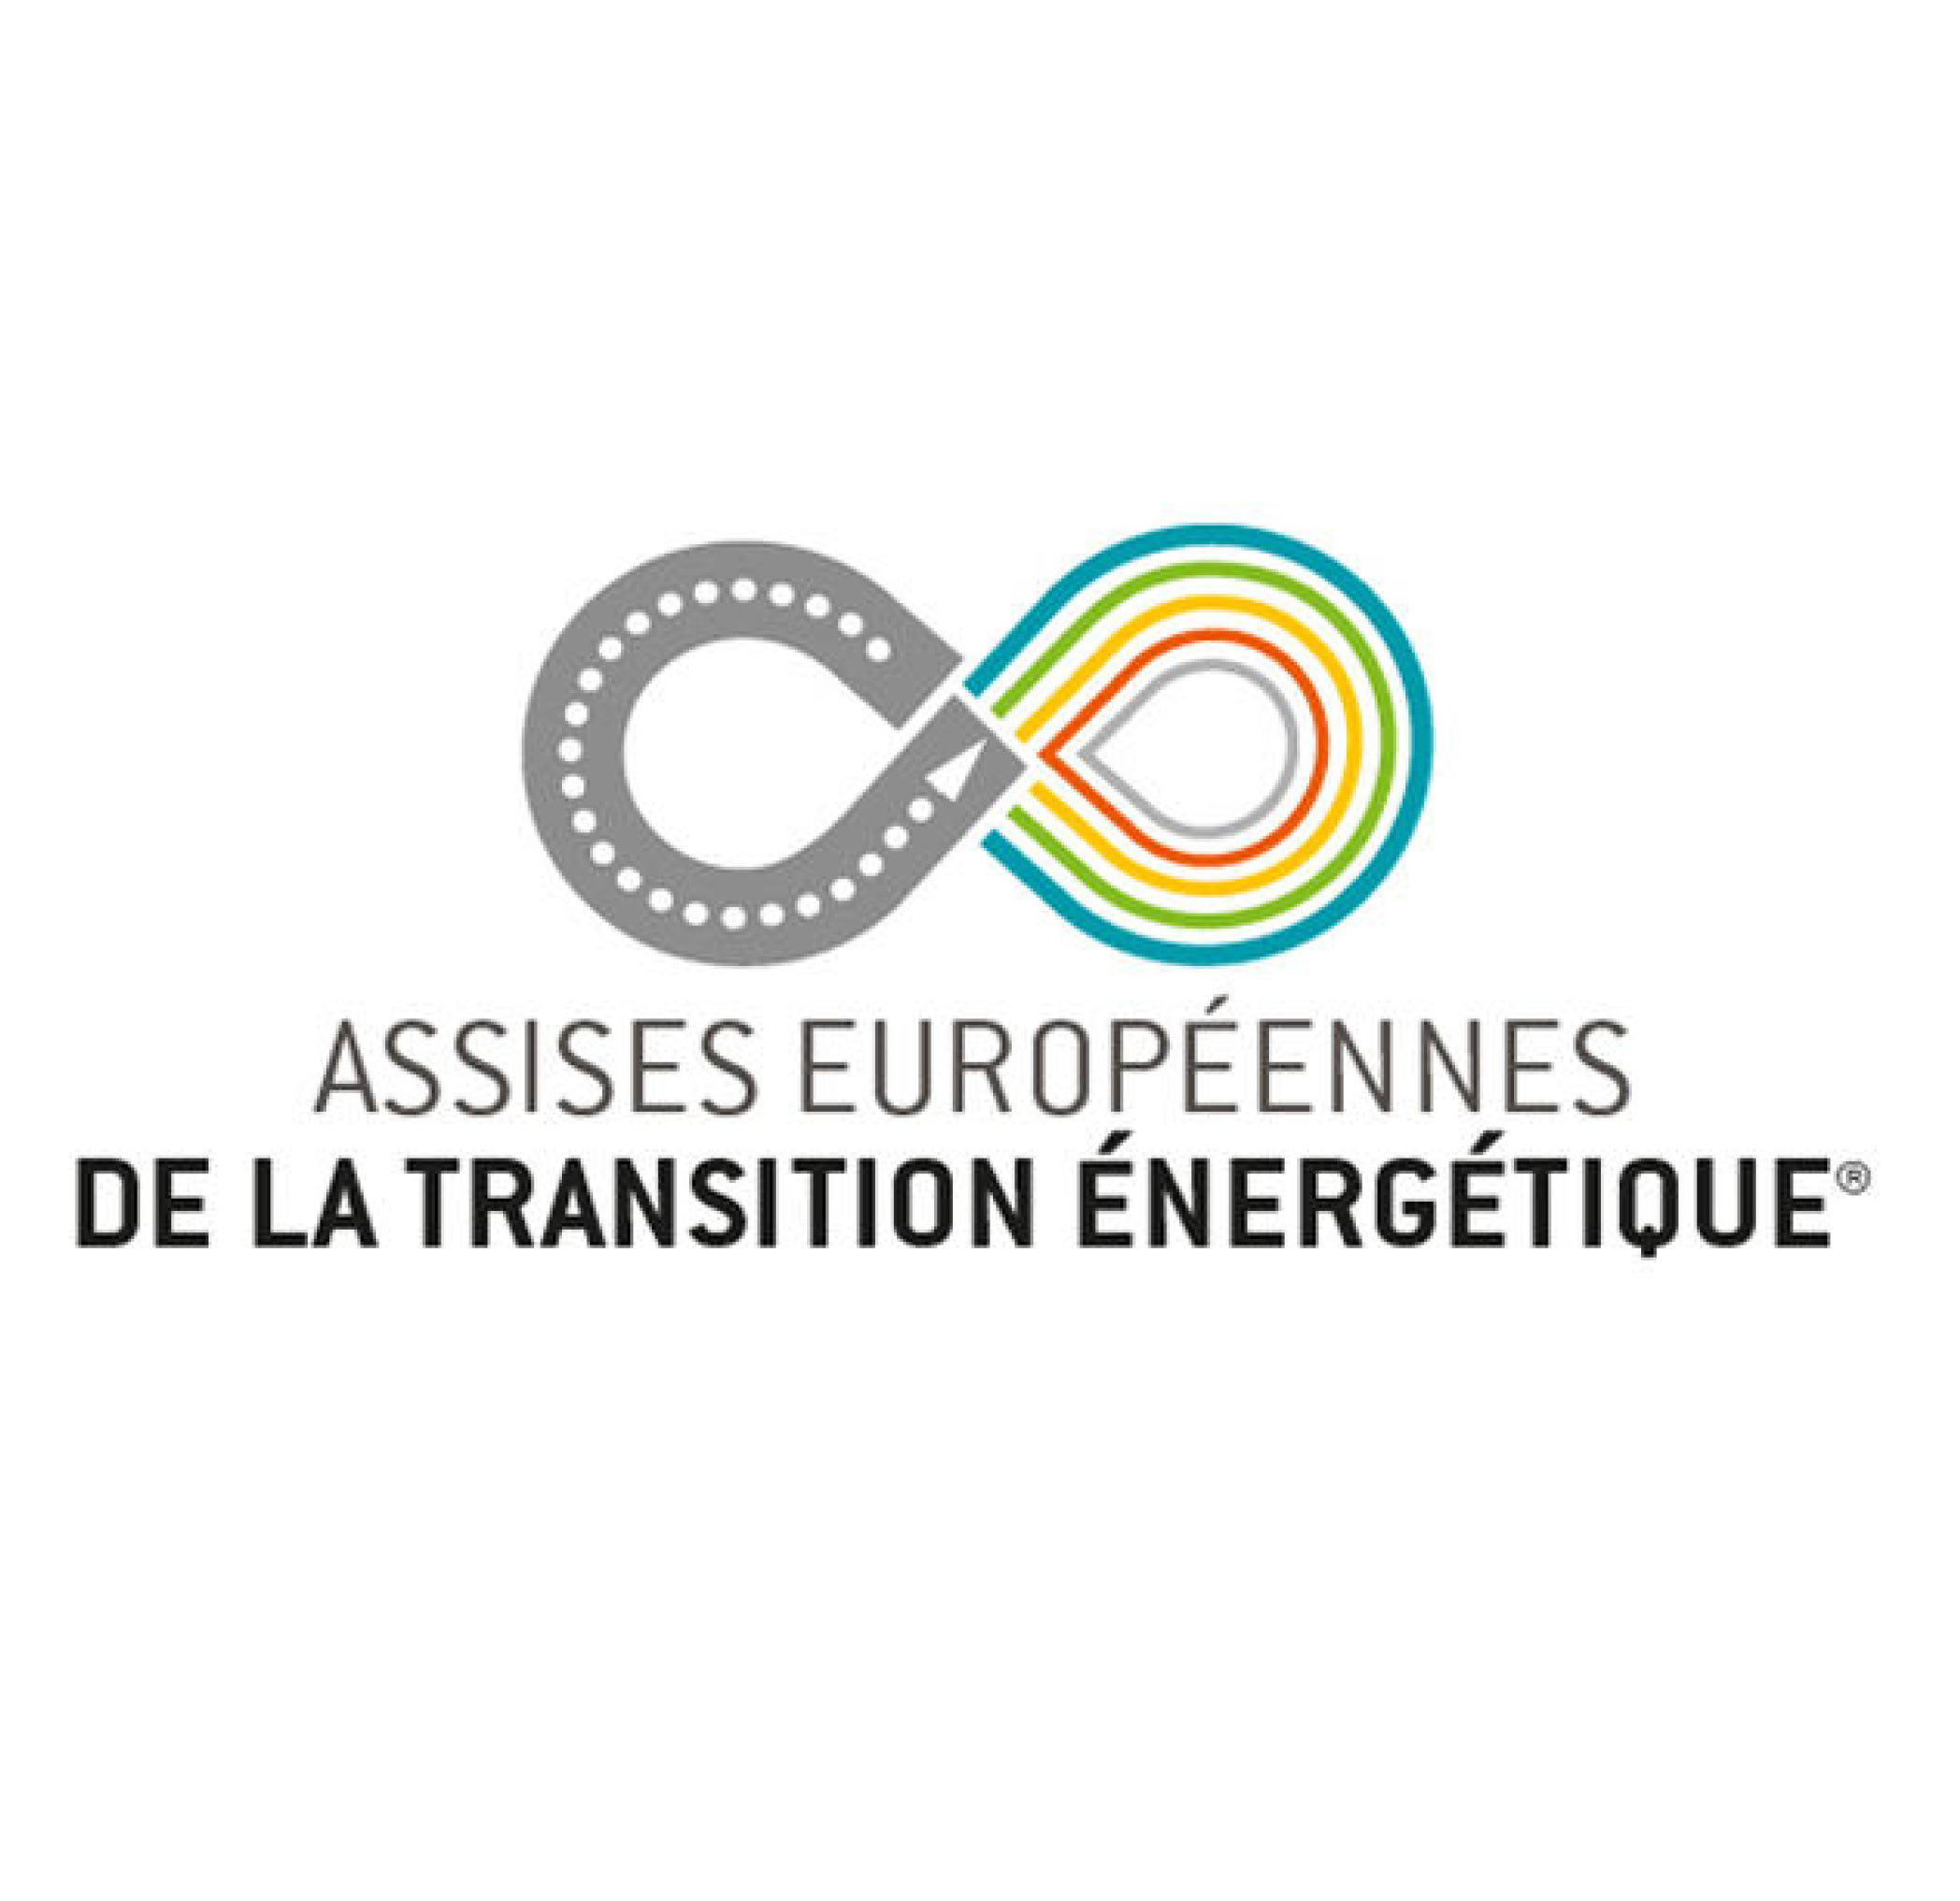 Assises européennes de la transition énergétique 2022